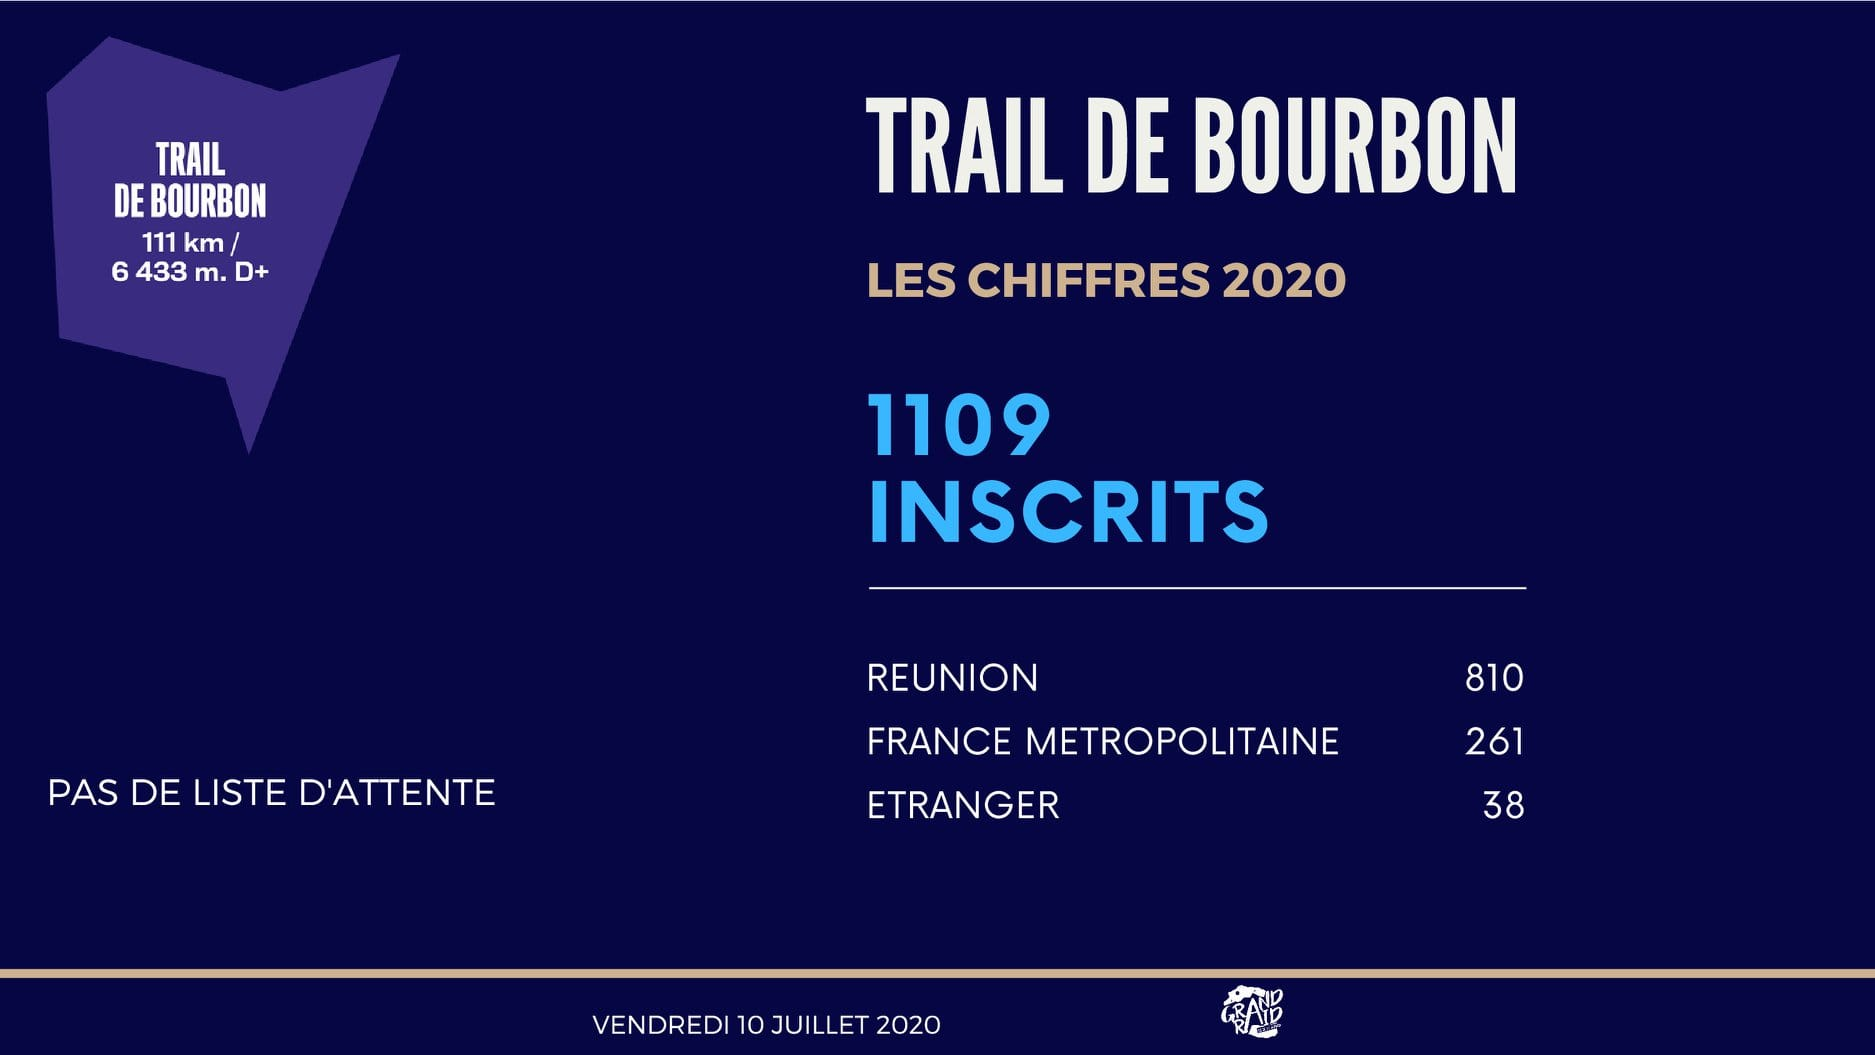 Inscrits-Trail-de-Bourbon